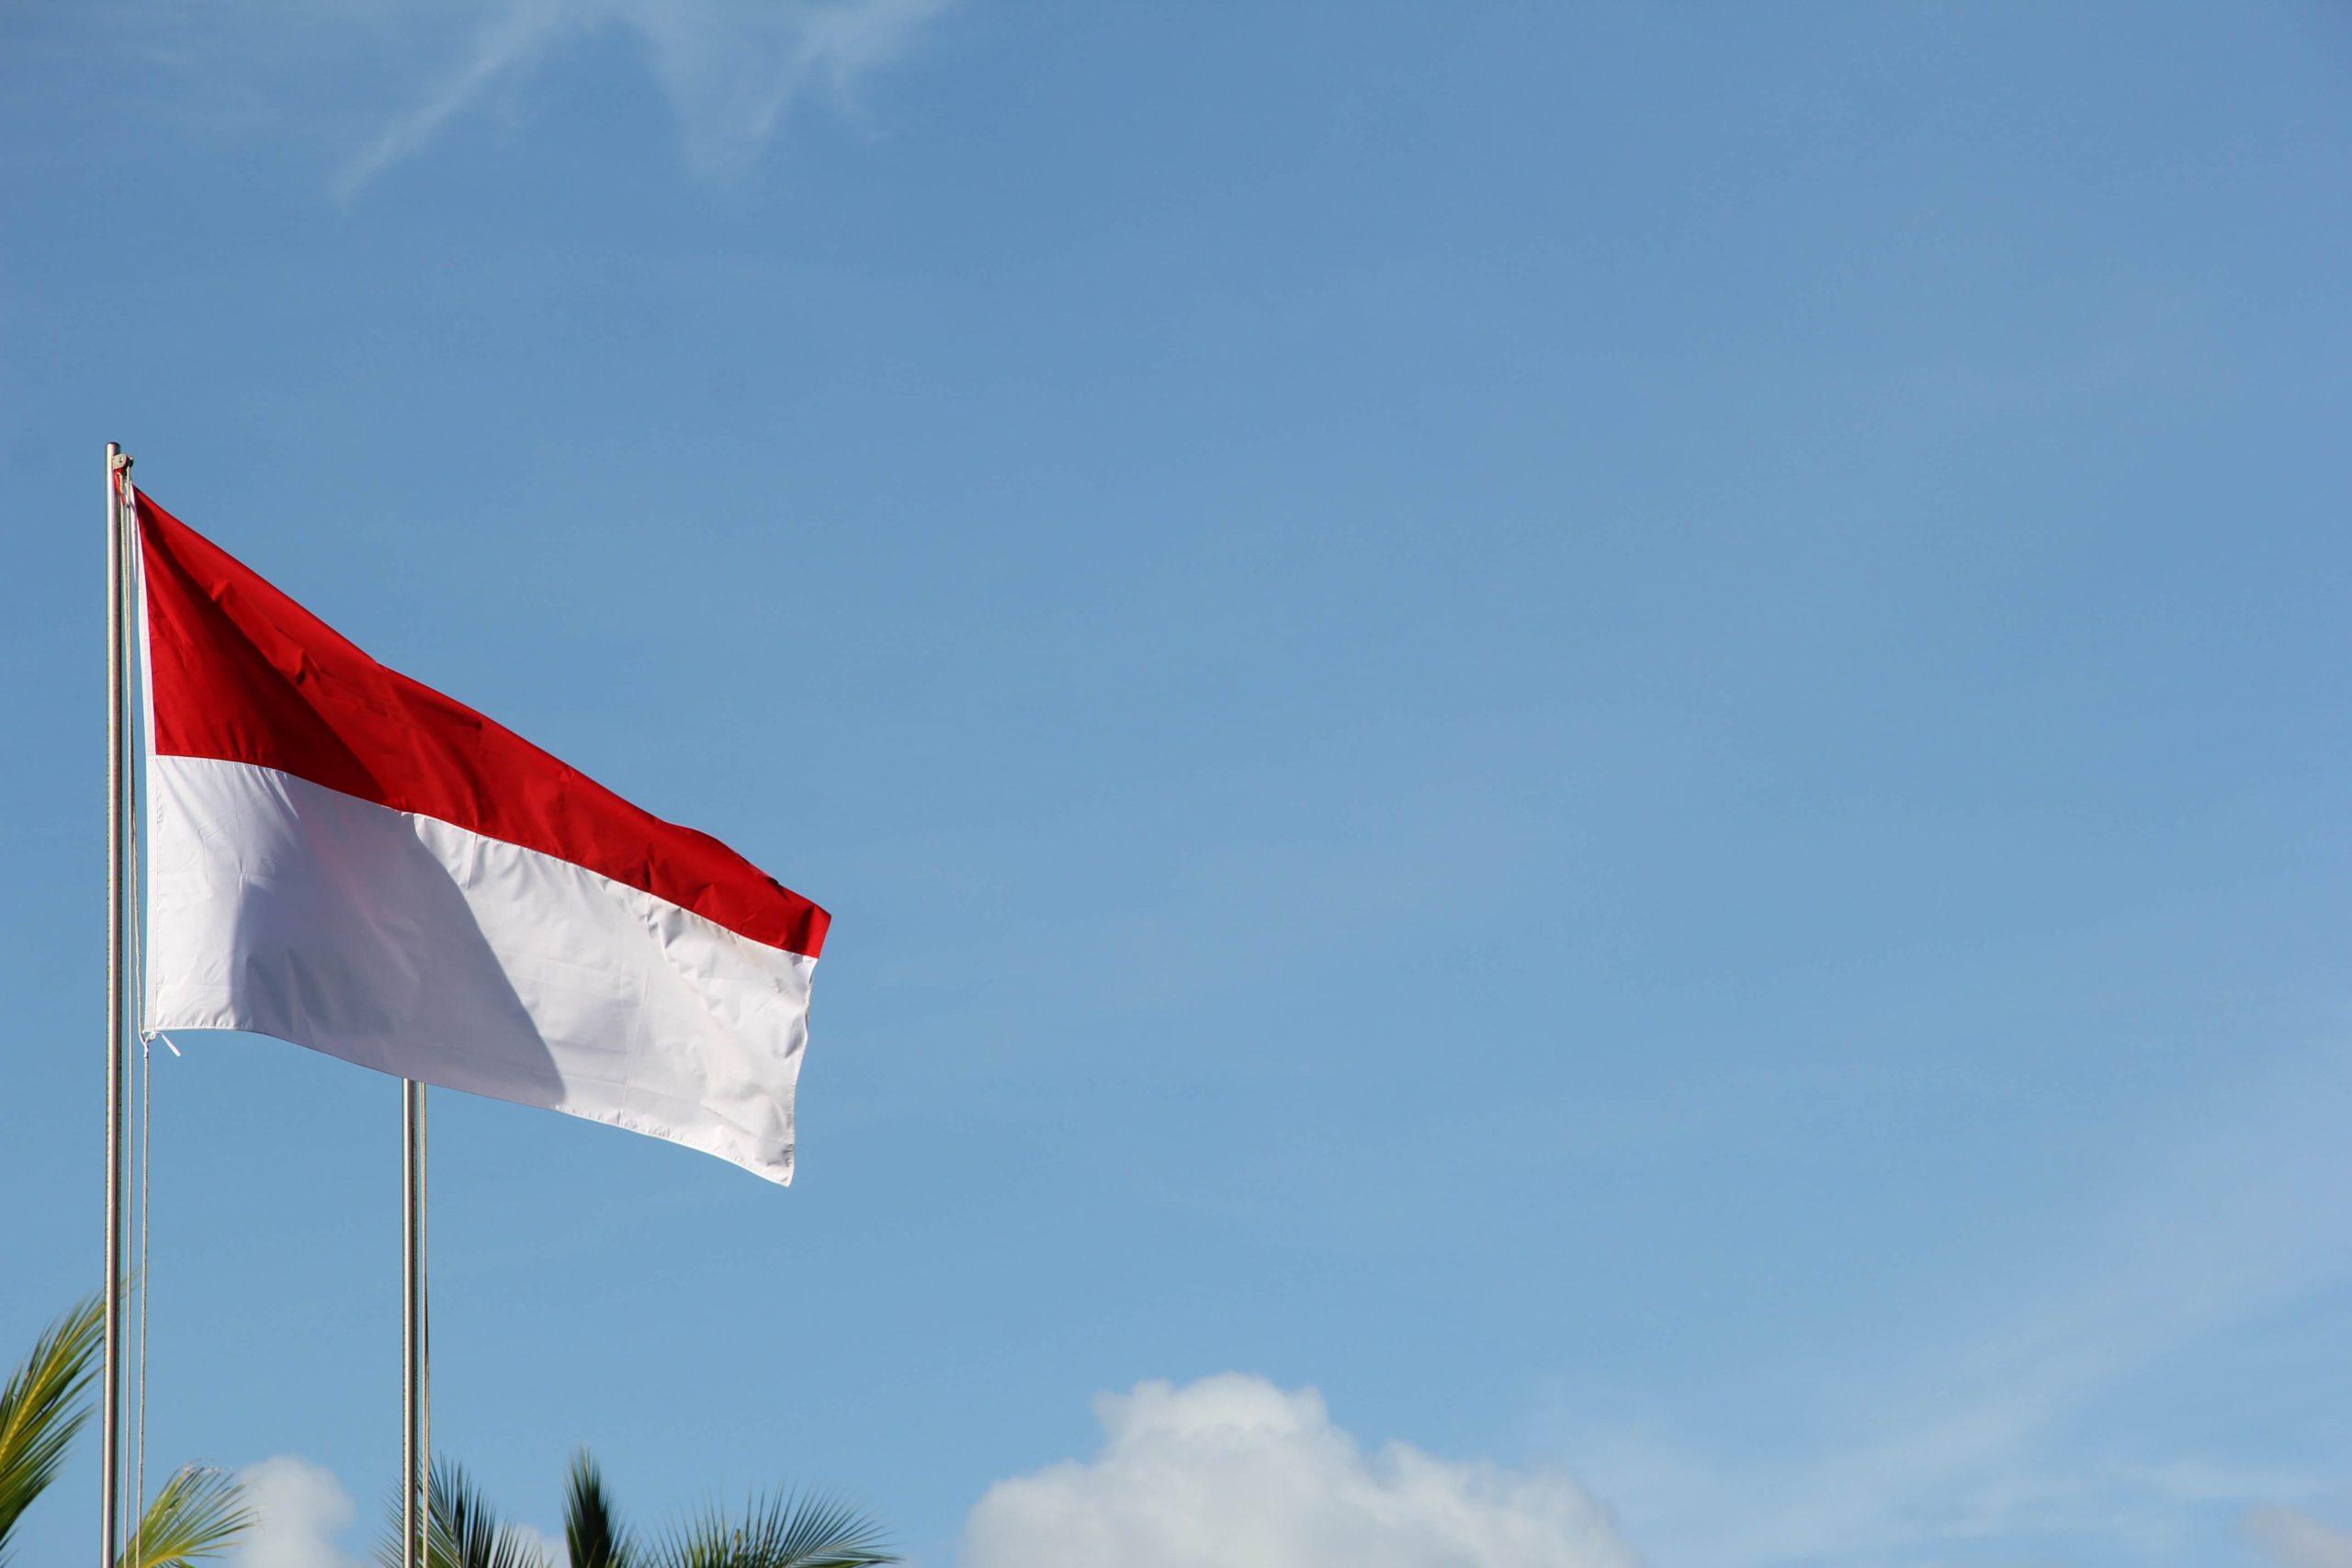 インドネシア国旗と青空